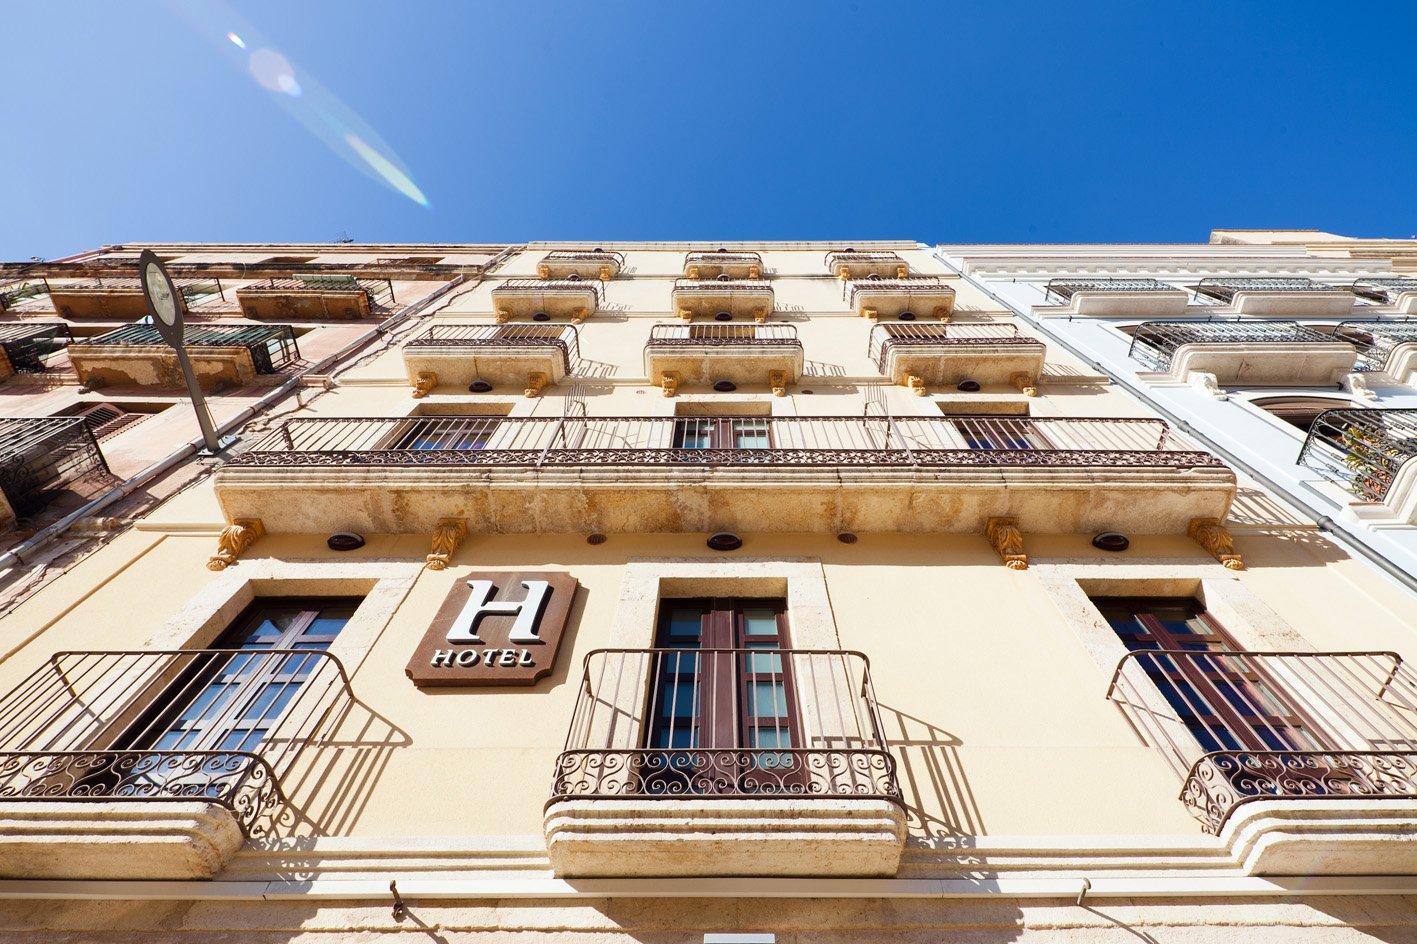 hotel_la_fontnombre_del_documento_18-04320387e15b16084bf82a446b328df5